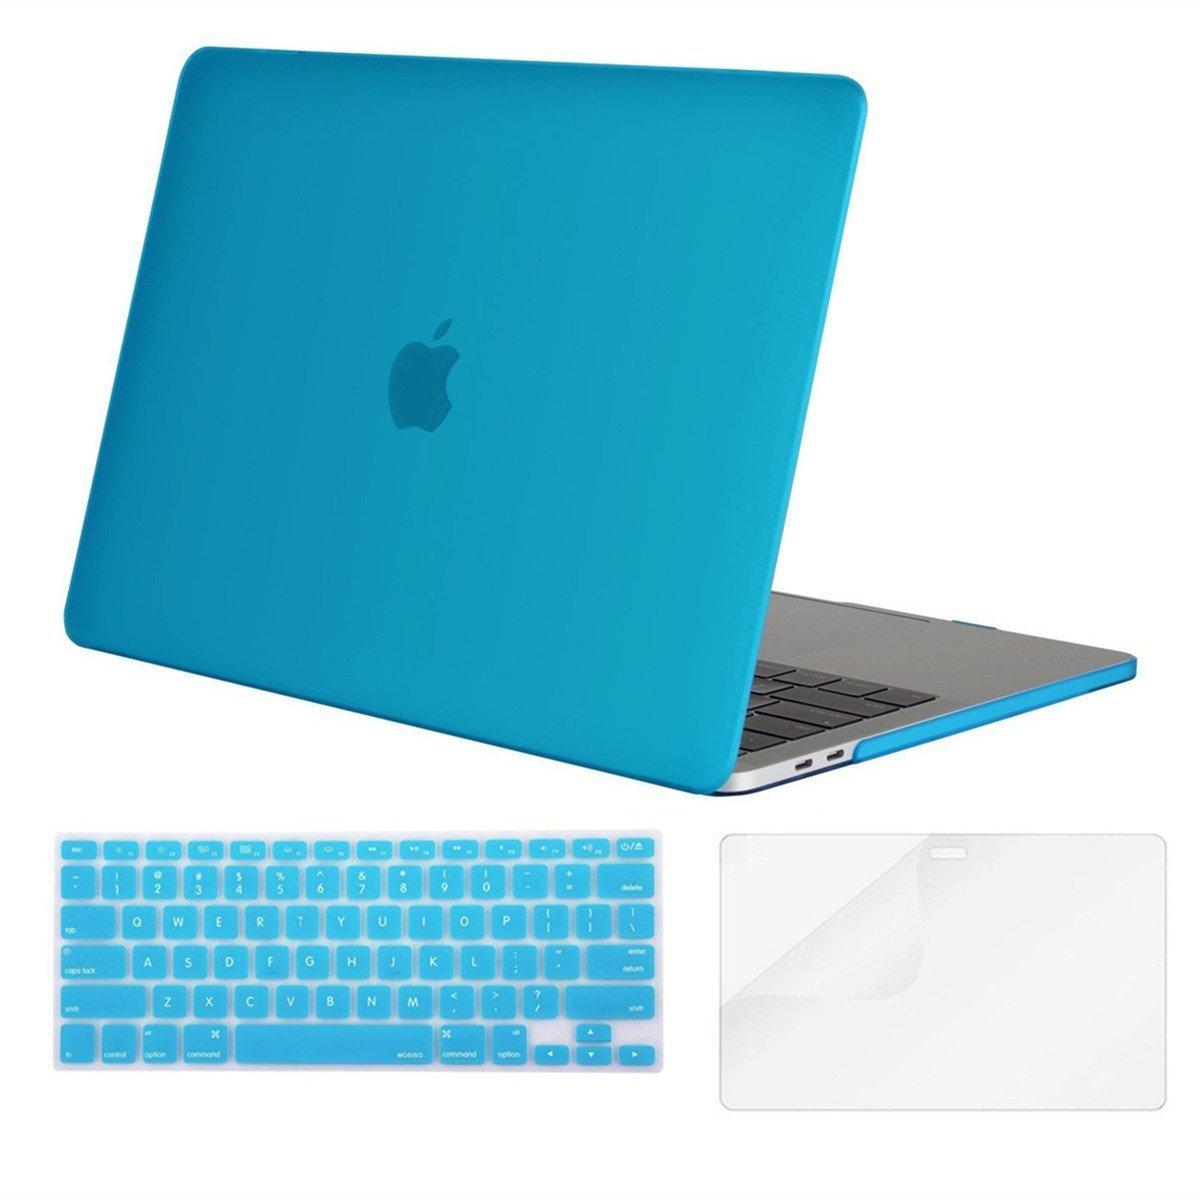 Phụ kiện máy xách tay  Shindand [miễn phí hàng] [tặng màn hình bàn phím màng màng] + táo MacBook má